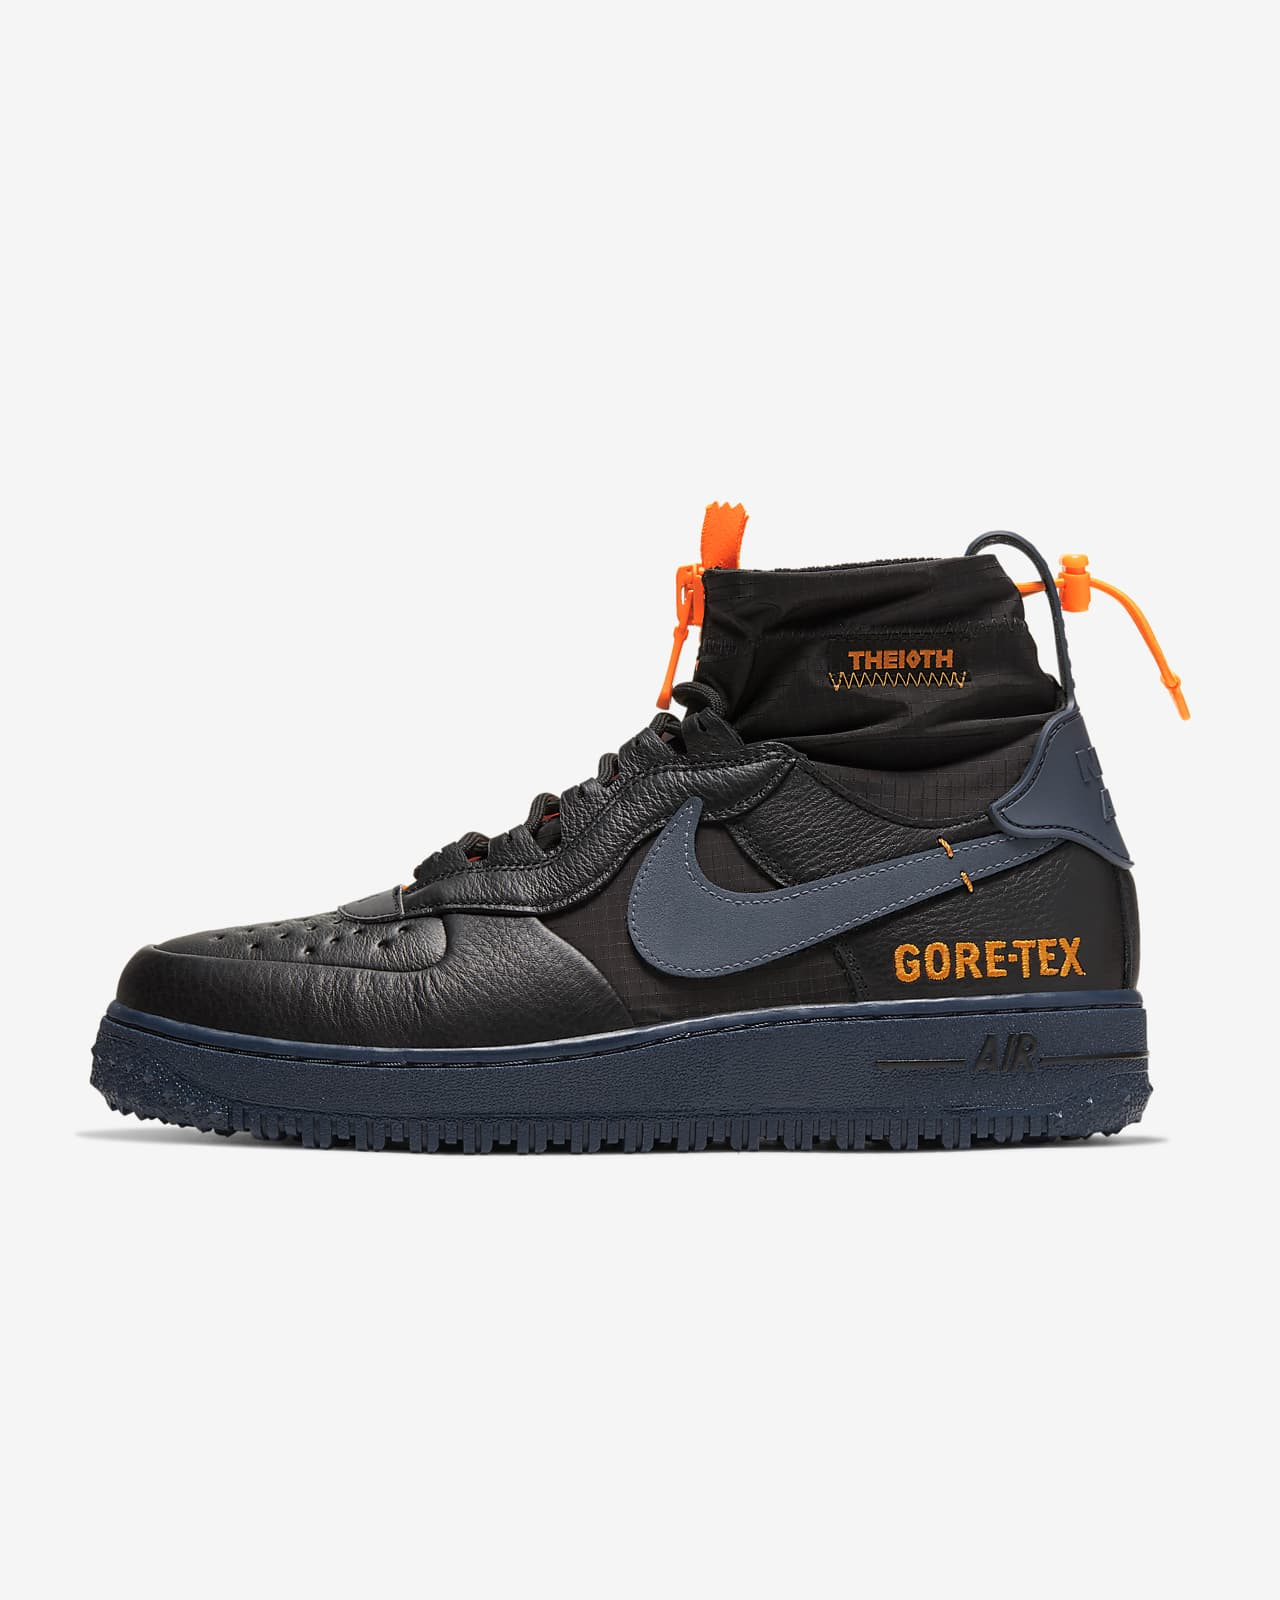 Bota Nike Air Force 1 Winter GORE-TEX